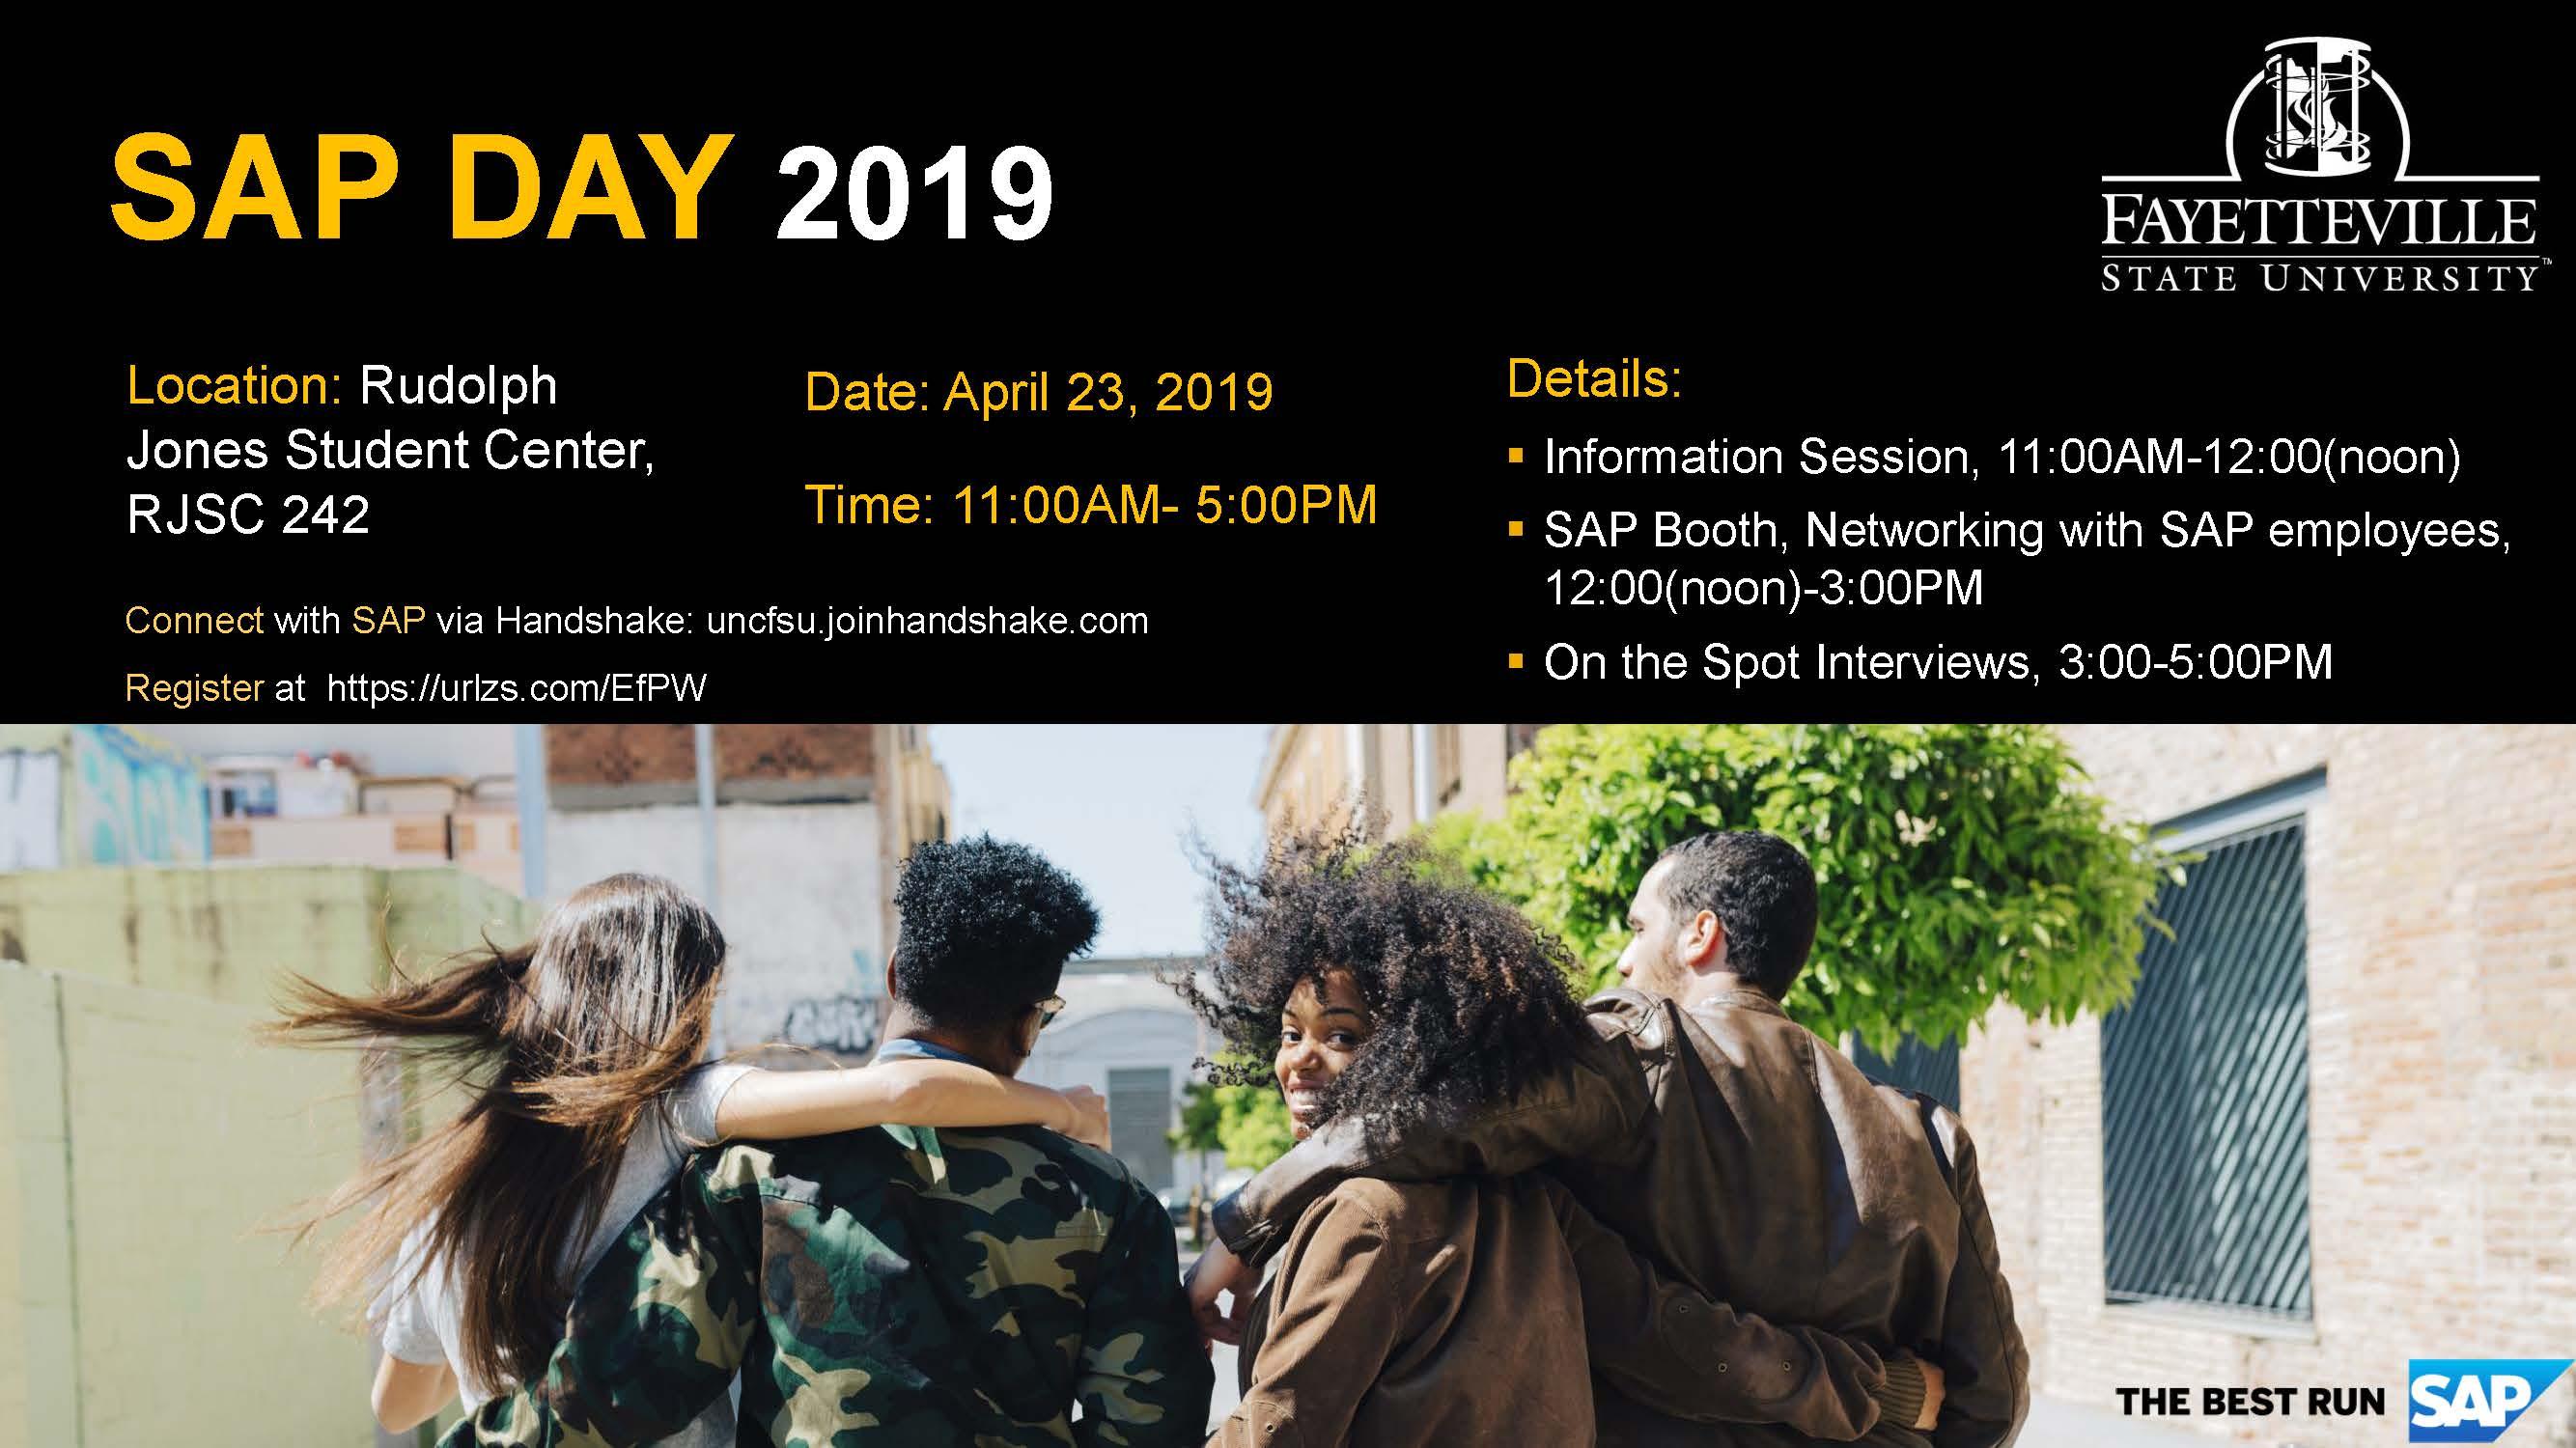 SAP Day 2019